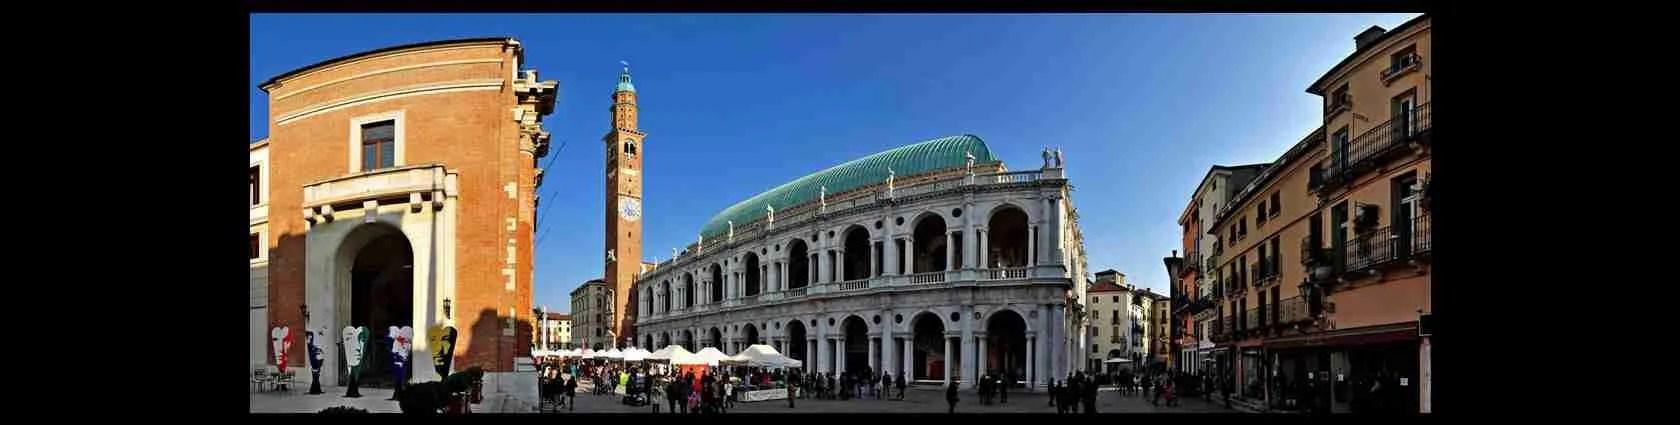 Moltissime escort Vicenza hanno scelto la splendida città del Palladio come città di base. Magica Escort